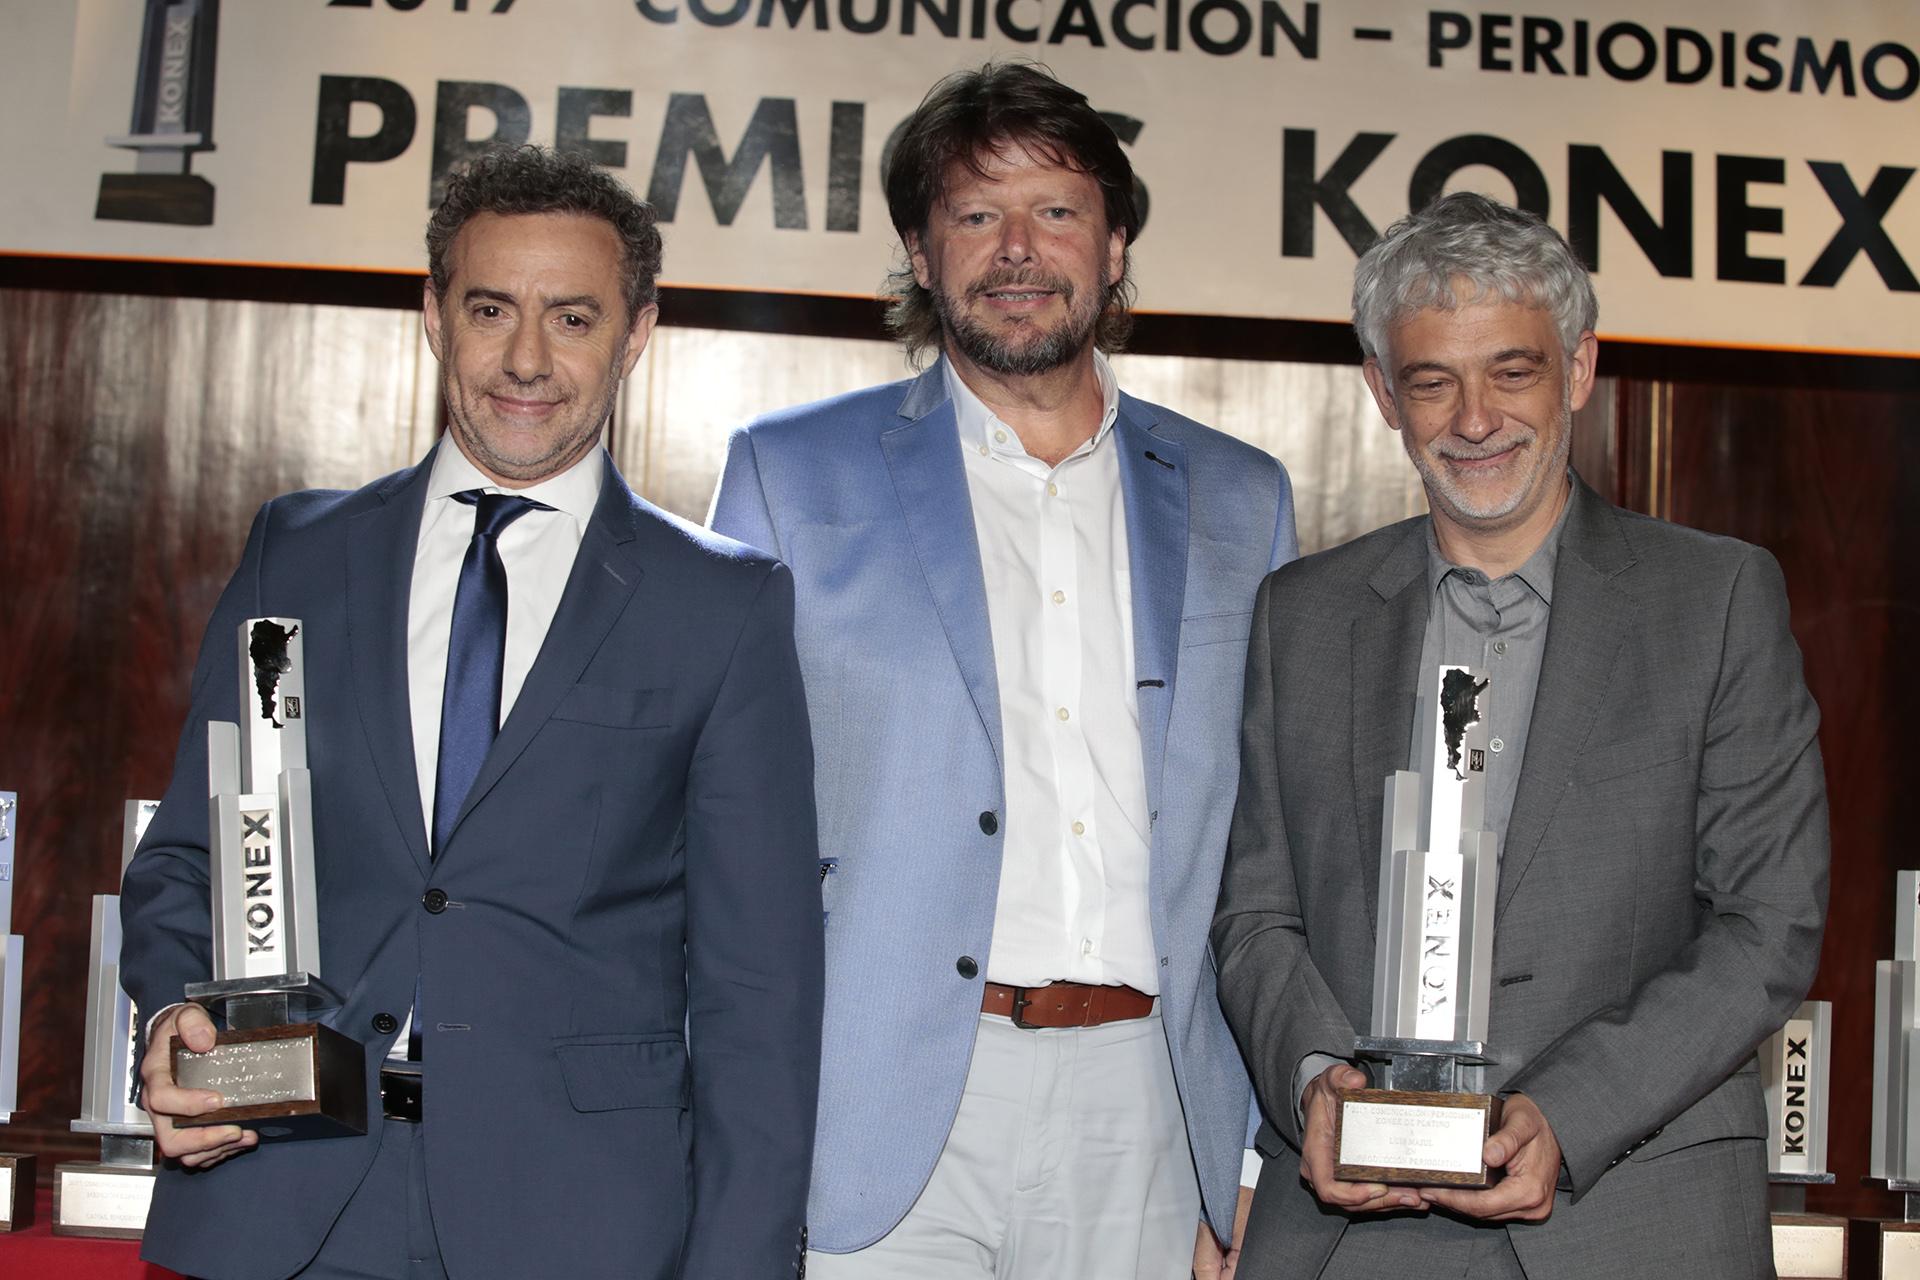 Luis Majul y Claudio Martínez recibieron el Konex de Platino en Producción Periodística, de manos de Carlos De Elía